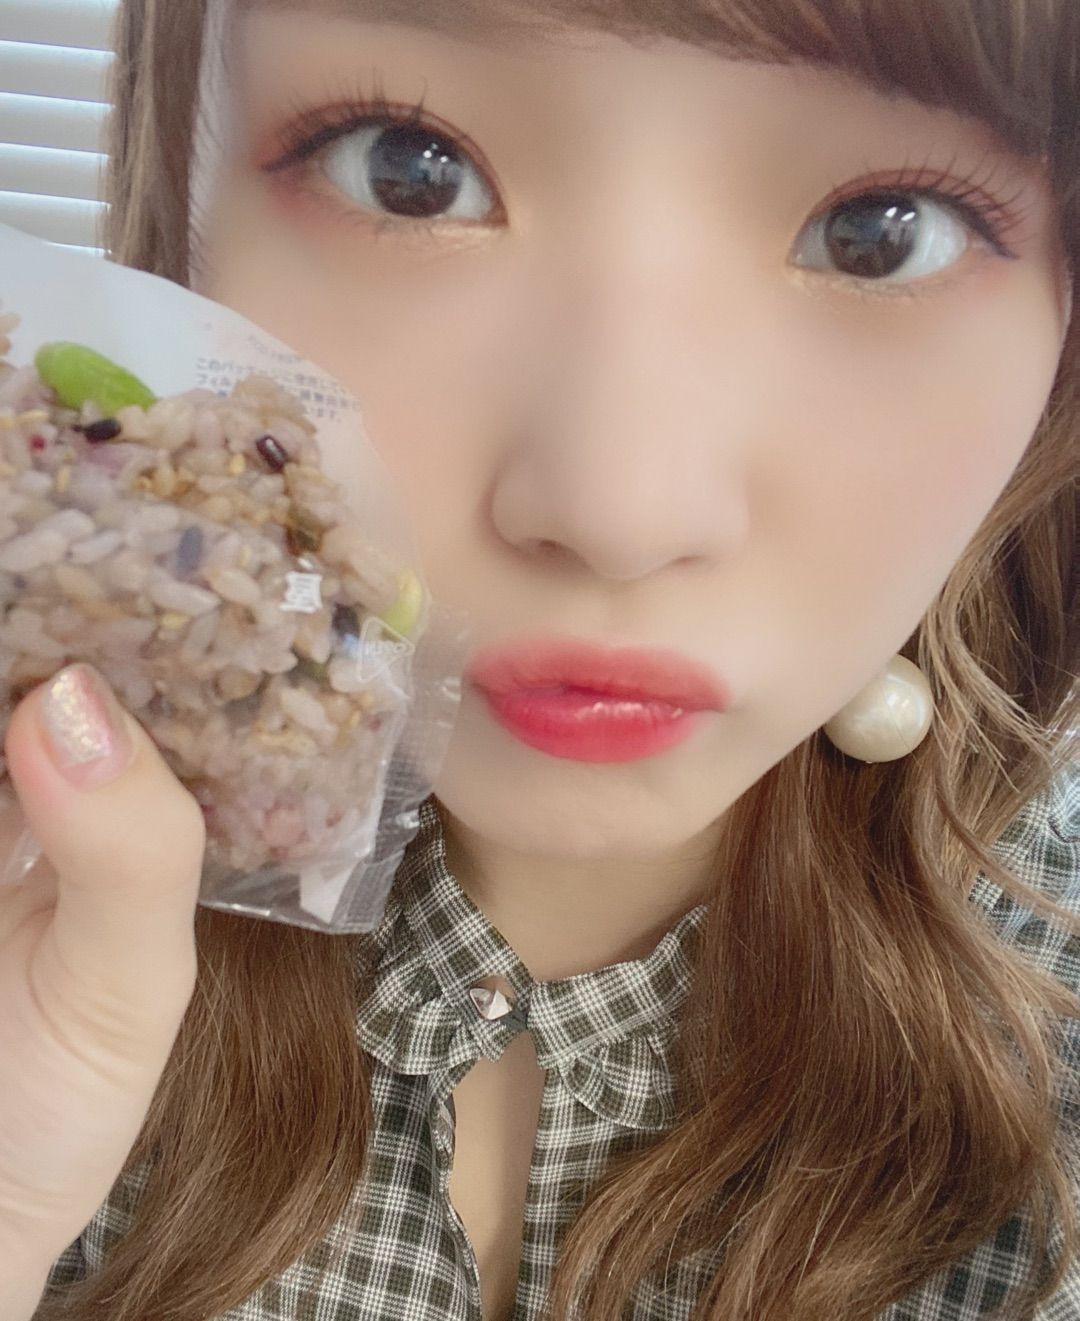 こんばんは!今日は食べ物のおはなし〜飯テロブログでございます🤤笑まずはこの間食べた枝豆と塩こんぶのおにぎり!おにぎりというより、、、これは自撮りですね🙆�…